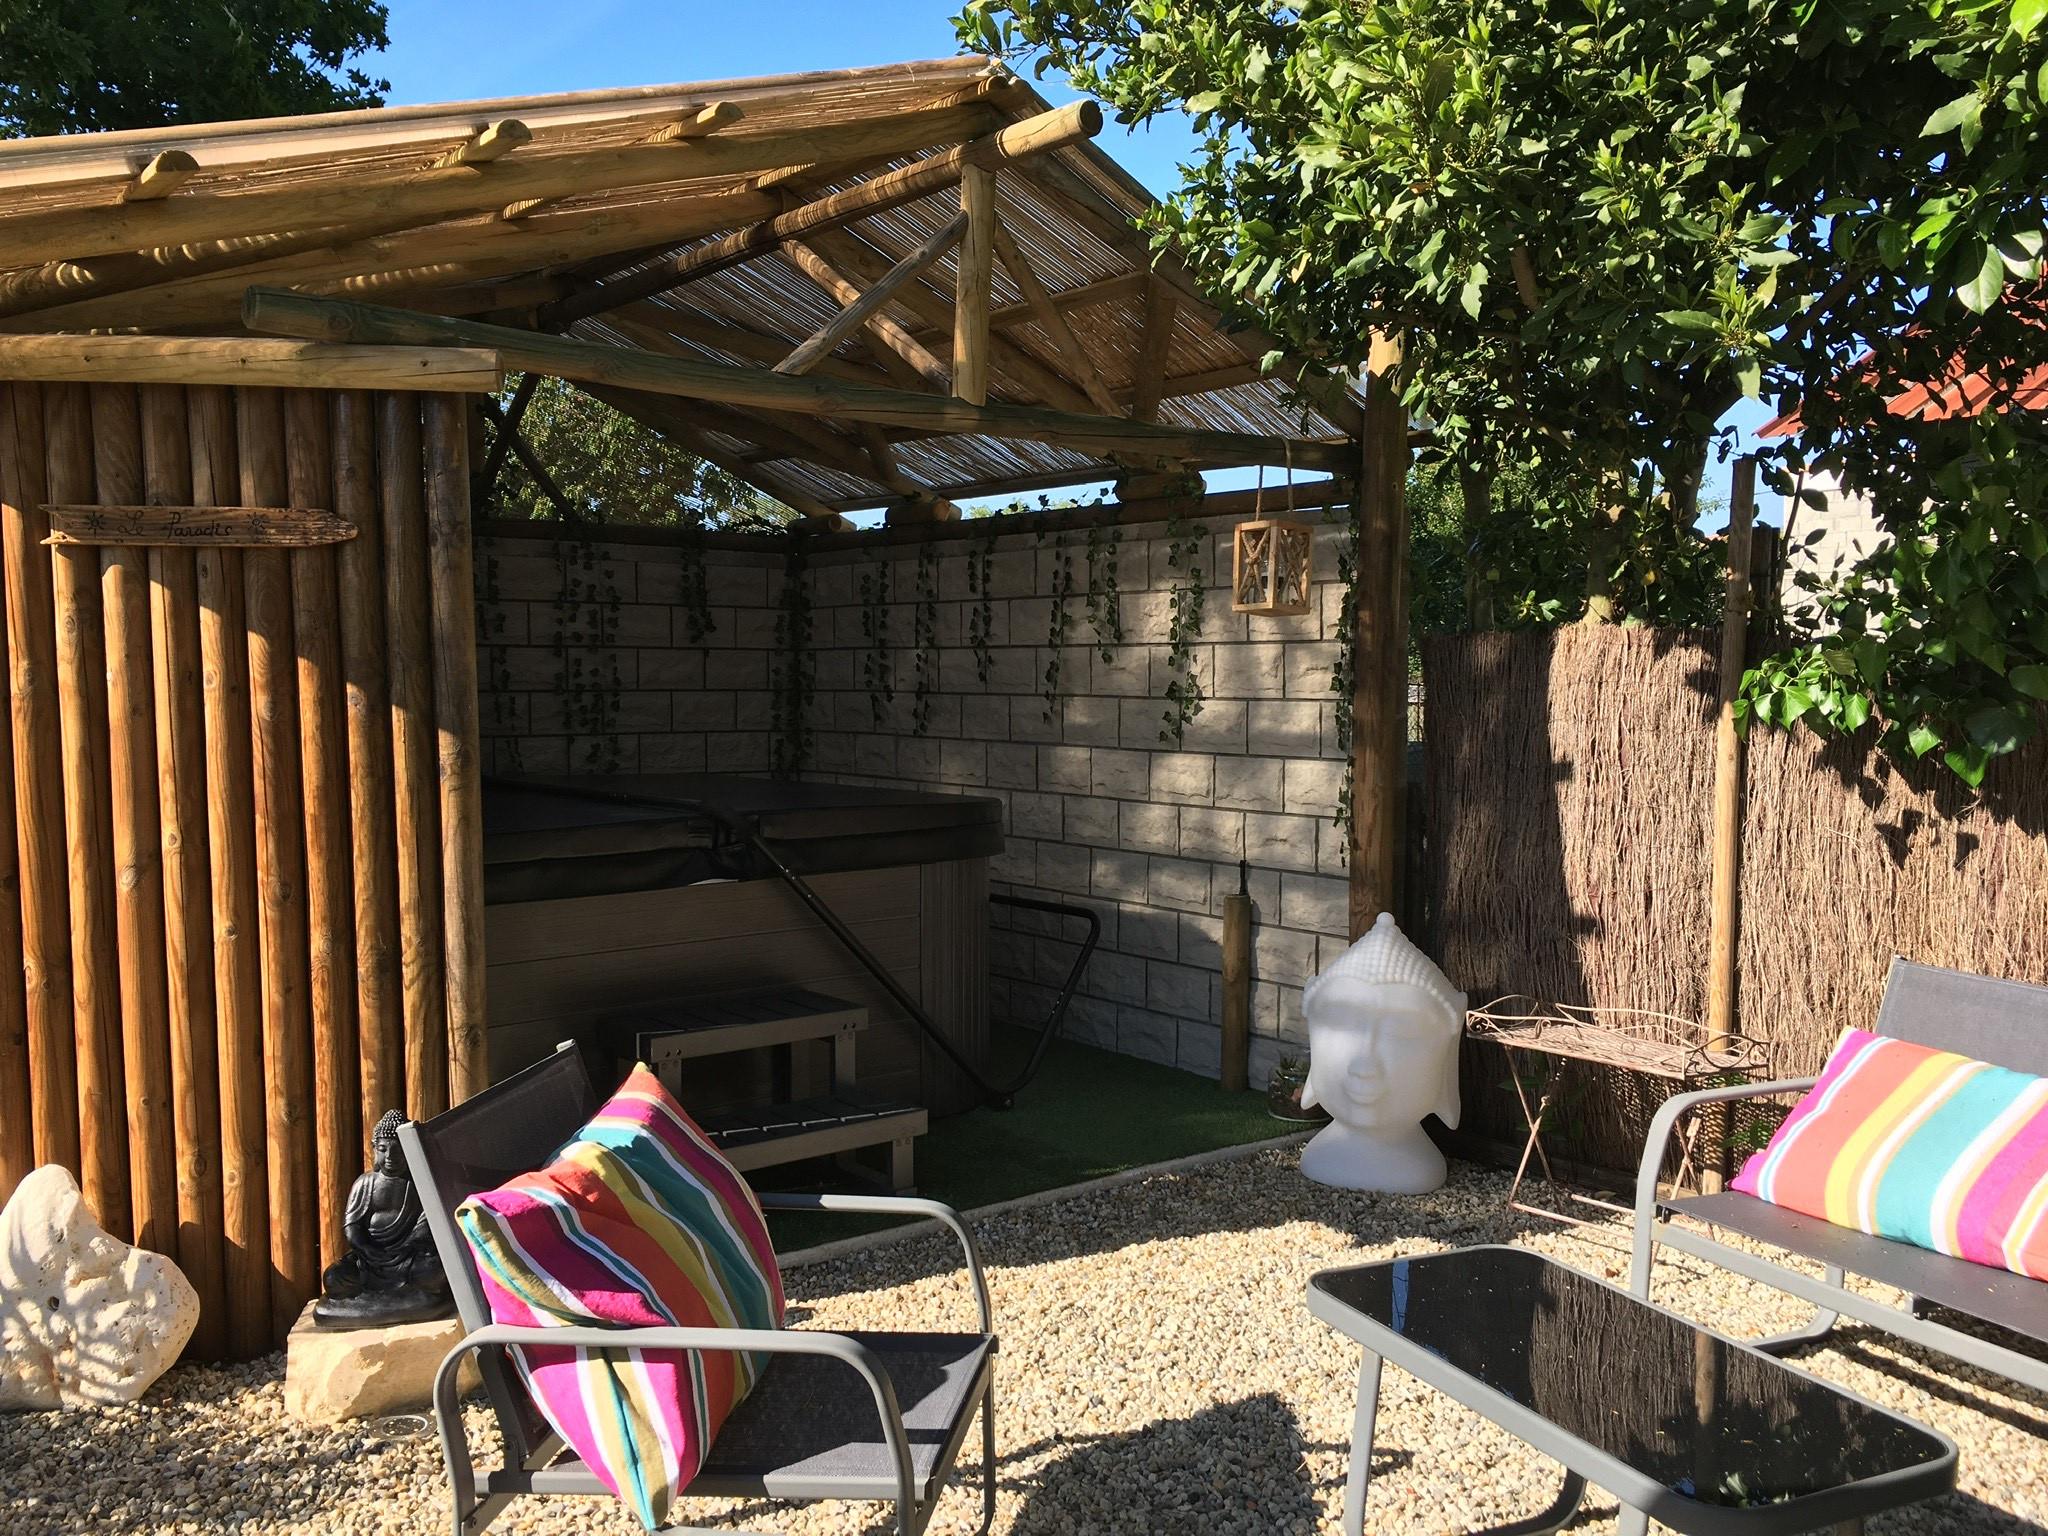 Aménagement Autour D'un Spa Extérieur - Spa Alina destiné Aménager Un Coin Spa Dans Le Jardin